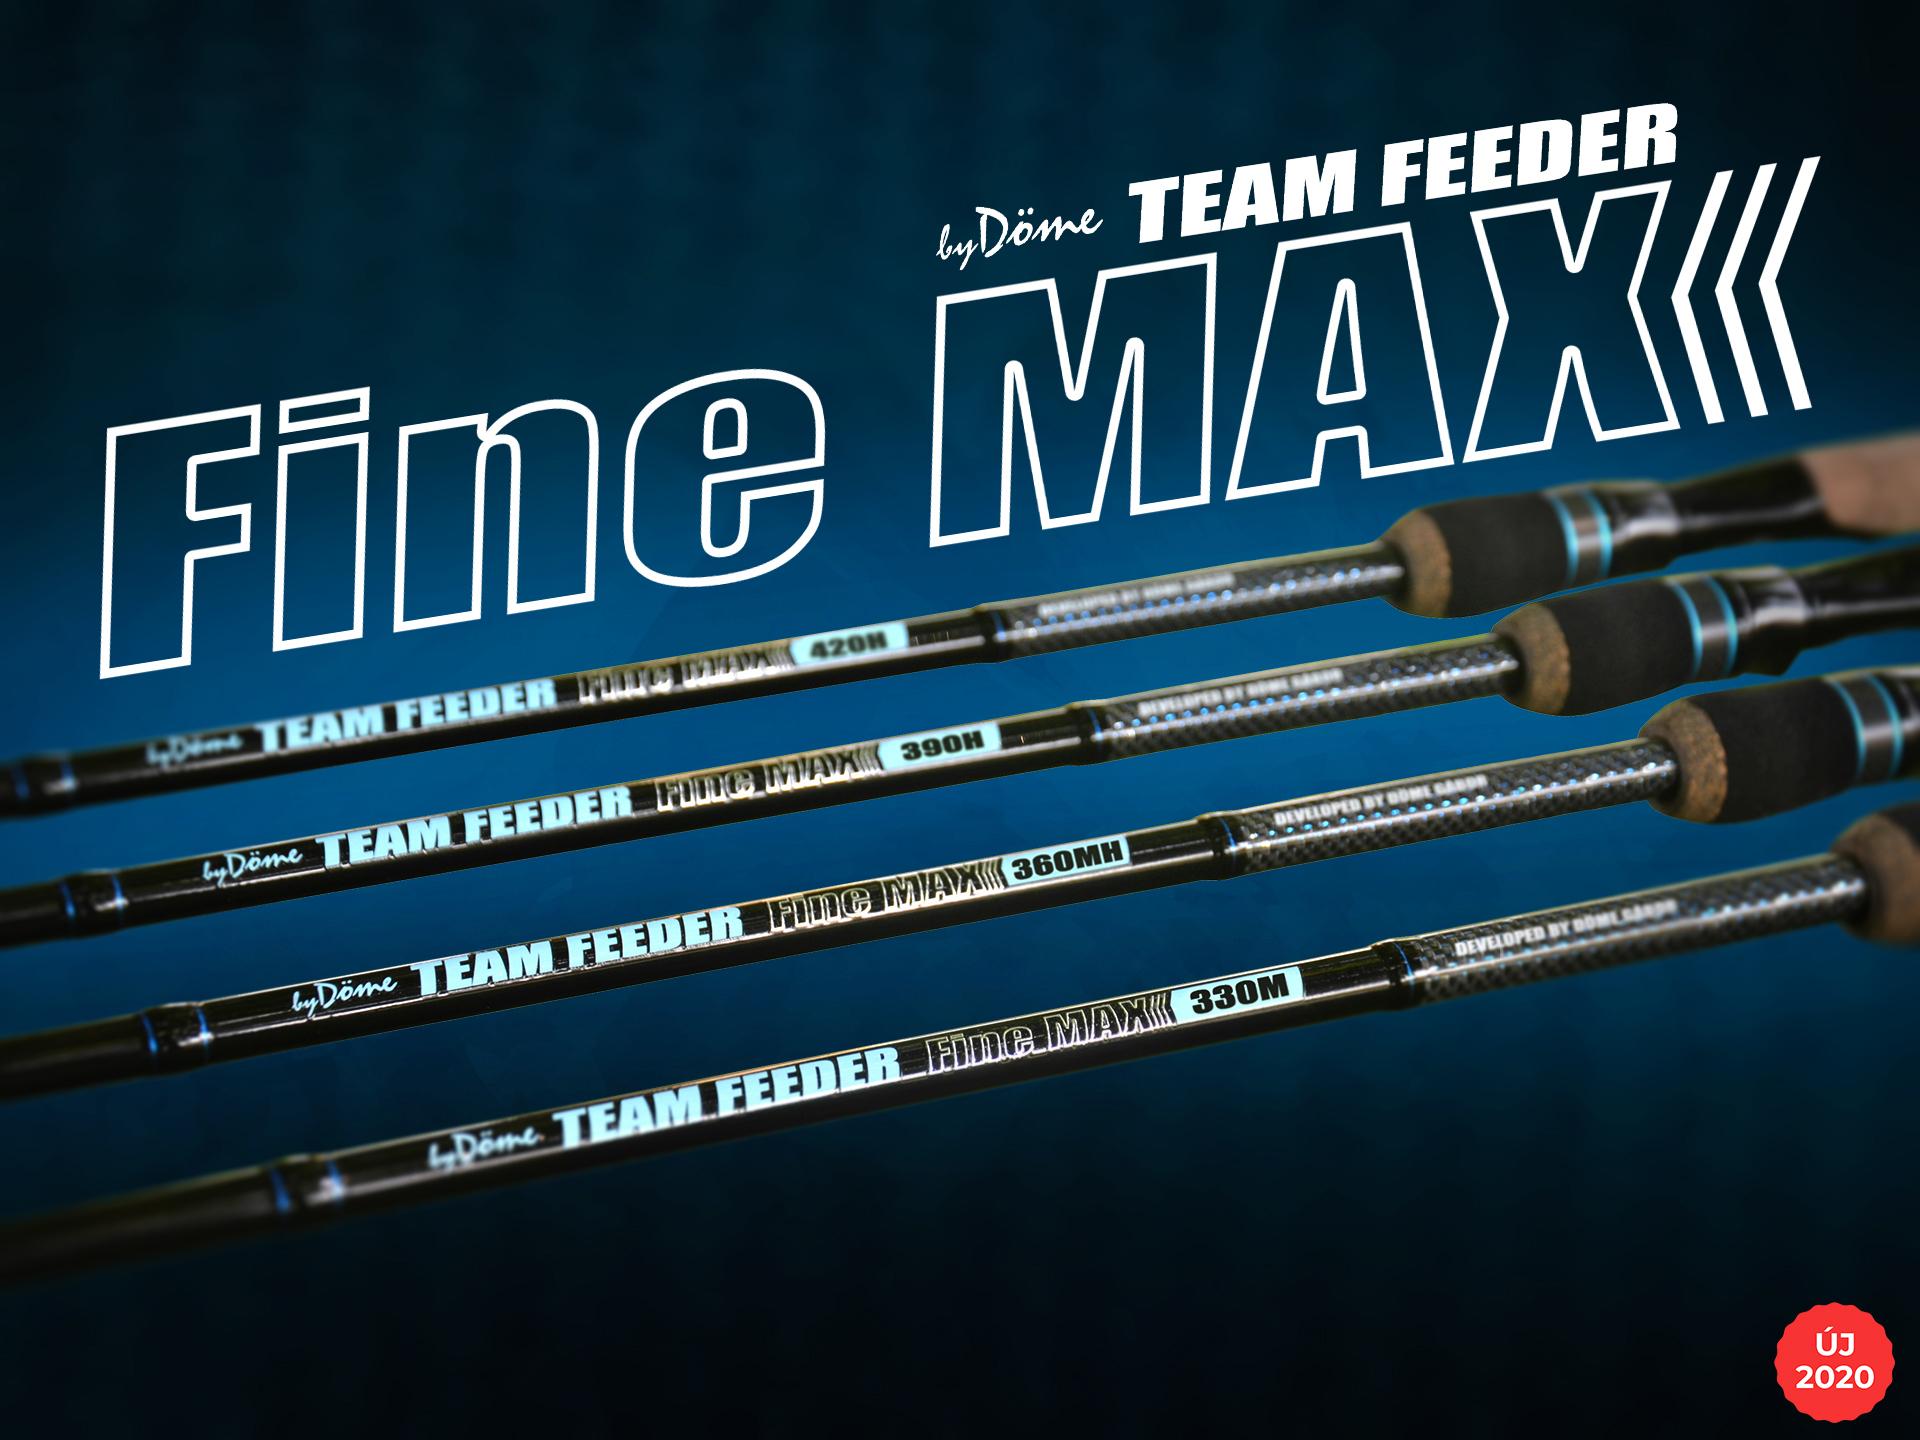 Örömmel mutatom most be a legújabb fejlesztésű TEAM FEEDER Fine Max feederbot szériánkat, mely a modern botgyártás szinte minden paraméterét magán hordozza!